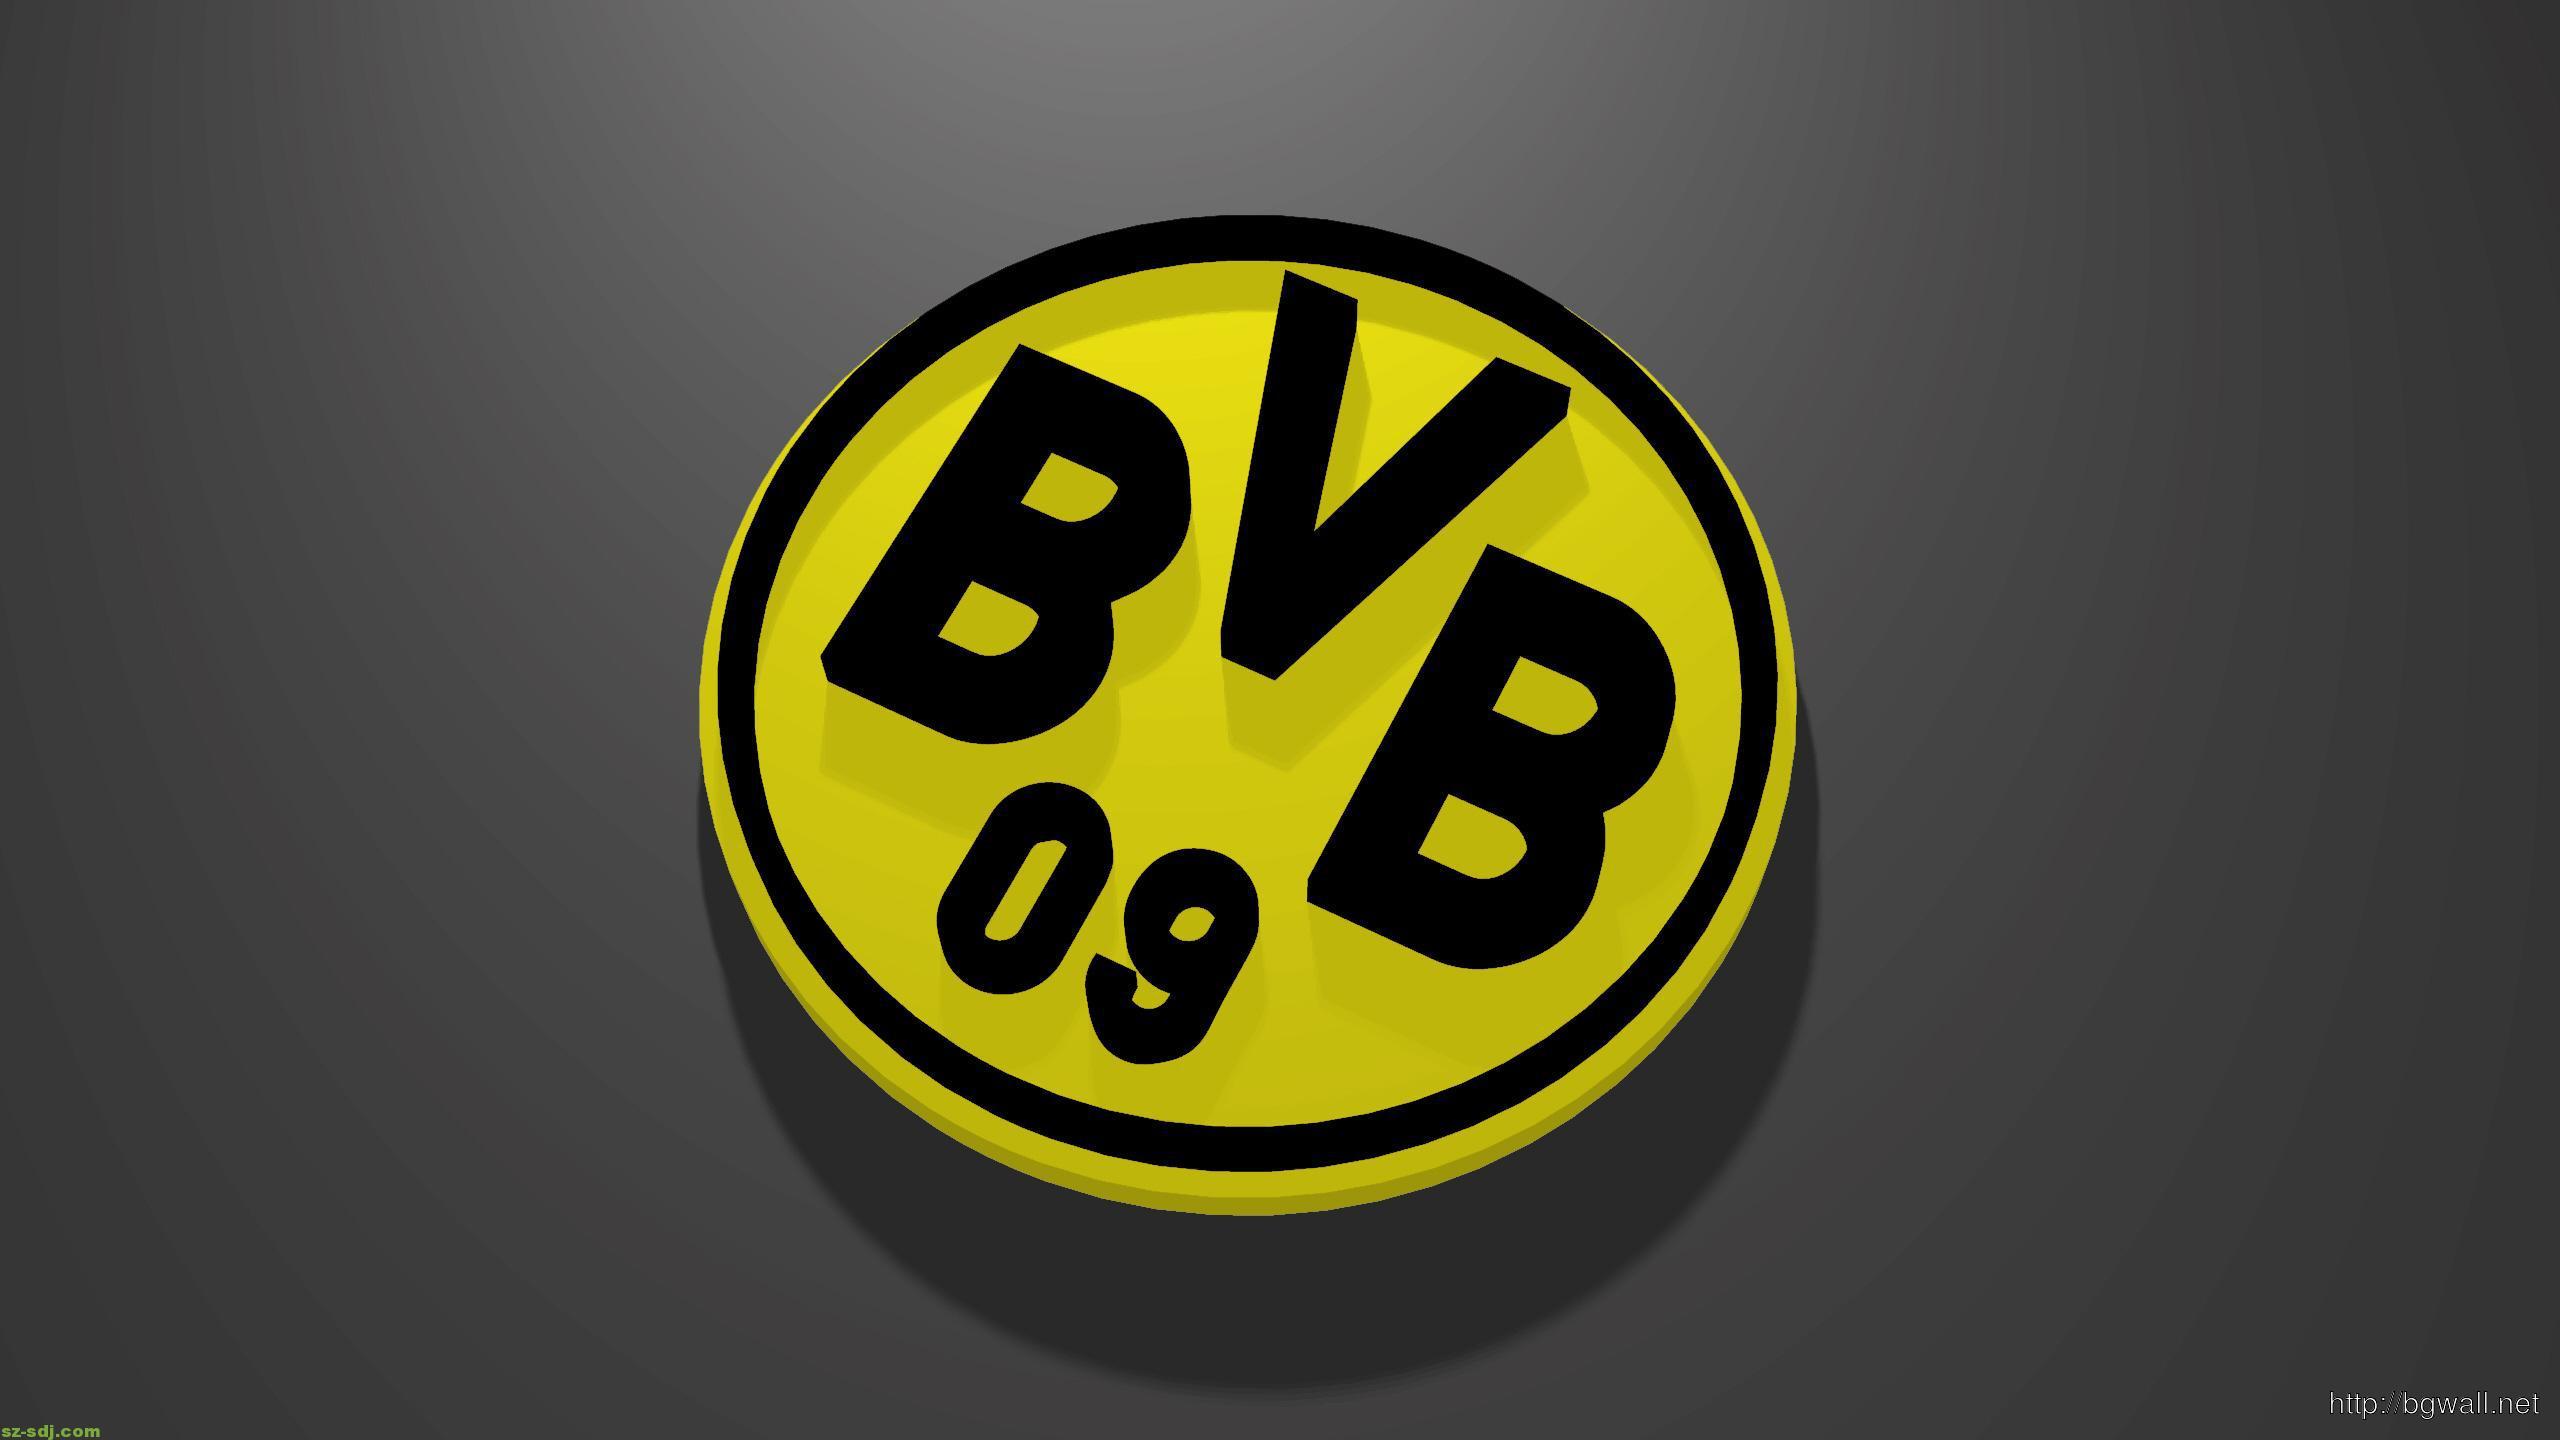 Borussia Dortmund 3d Wallpaper Widescreen Background Wallpaper Hd